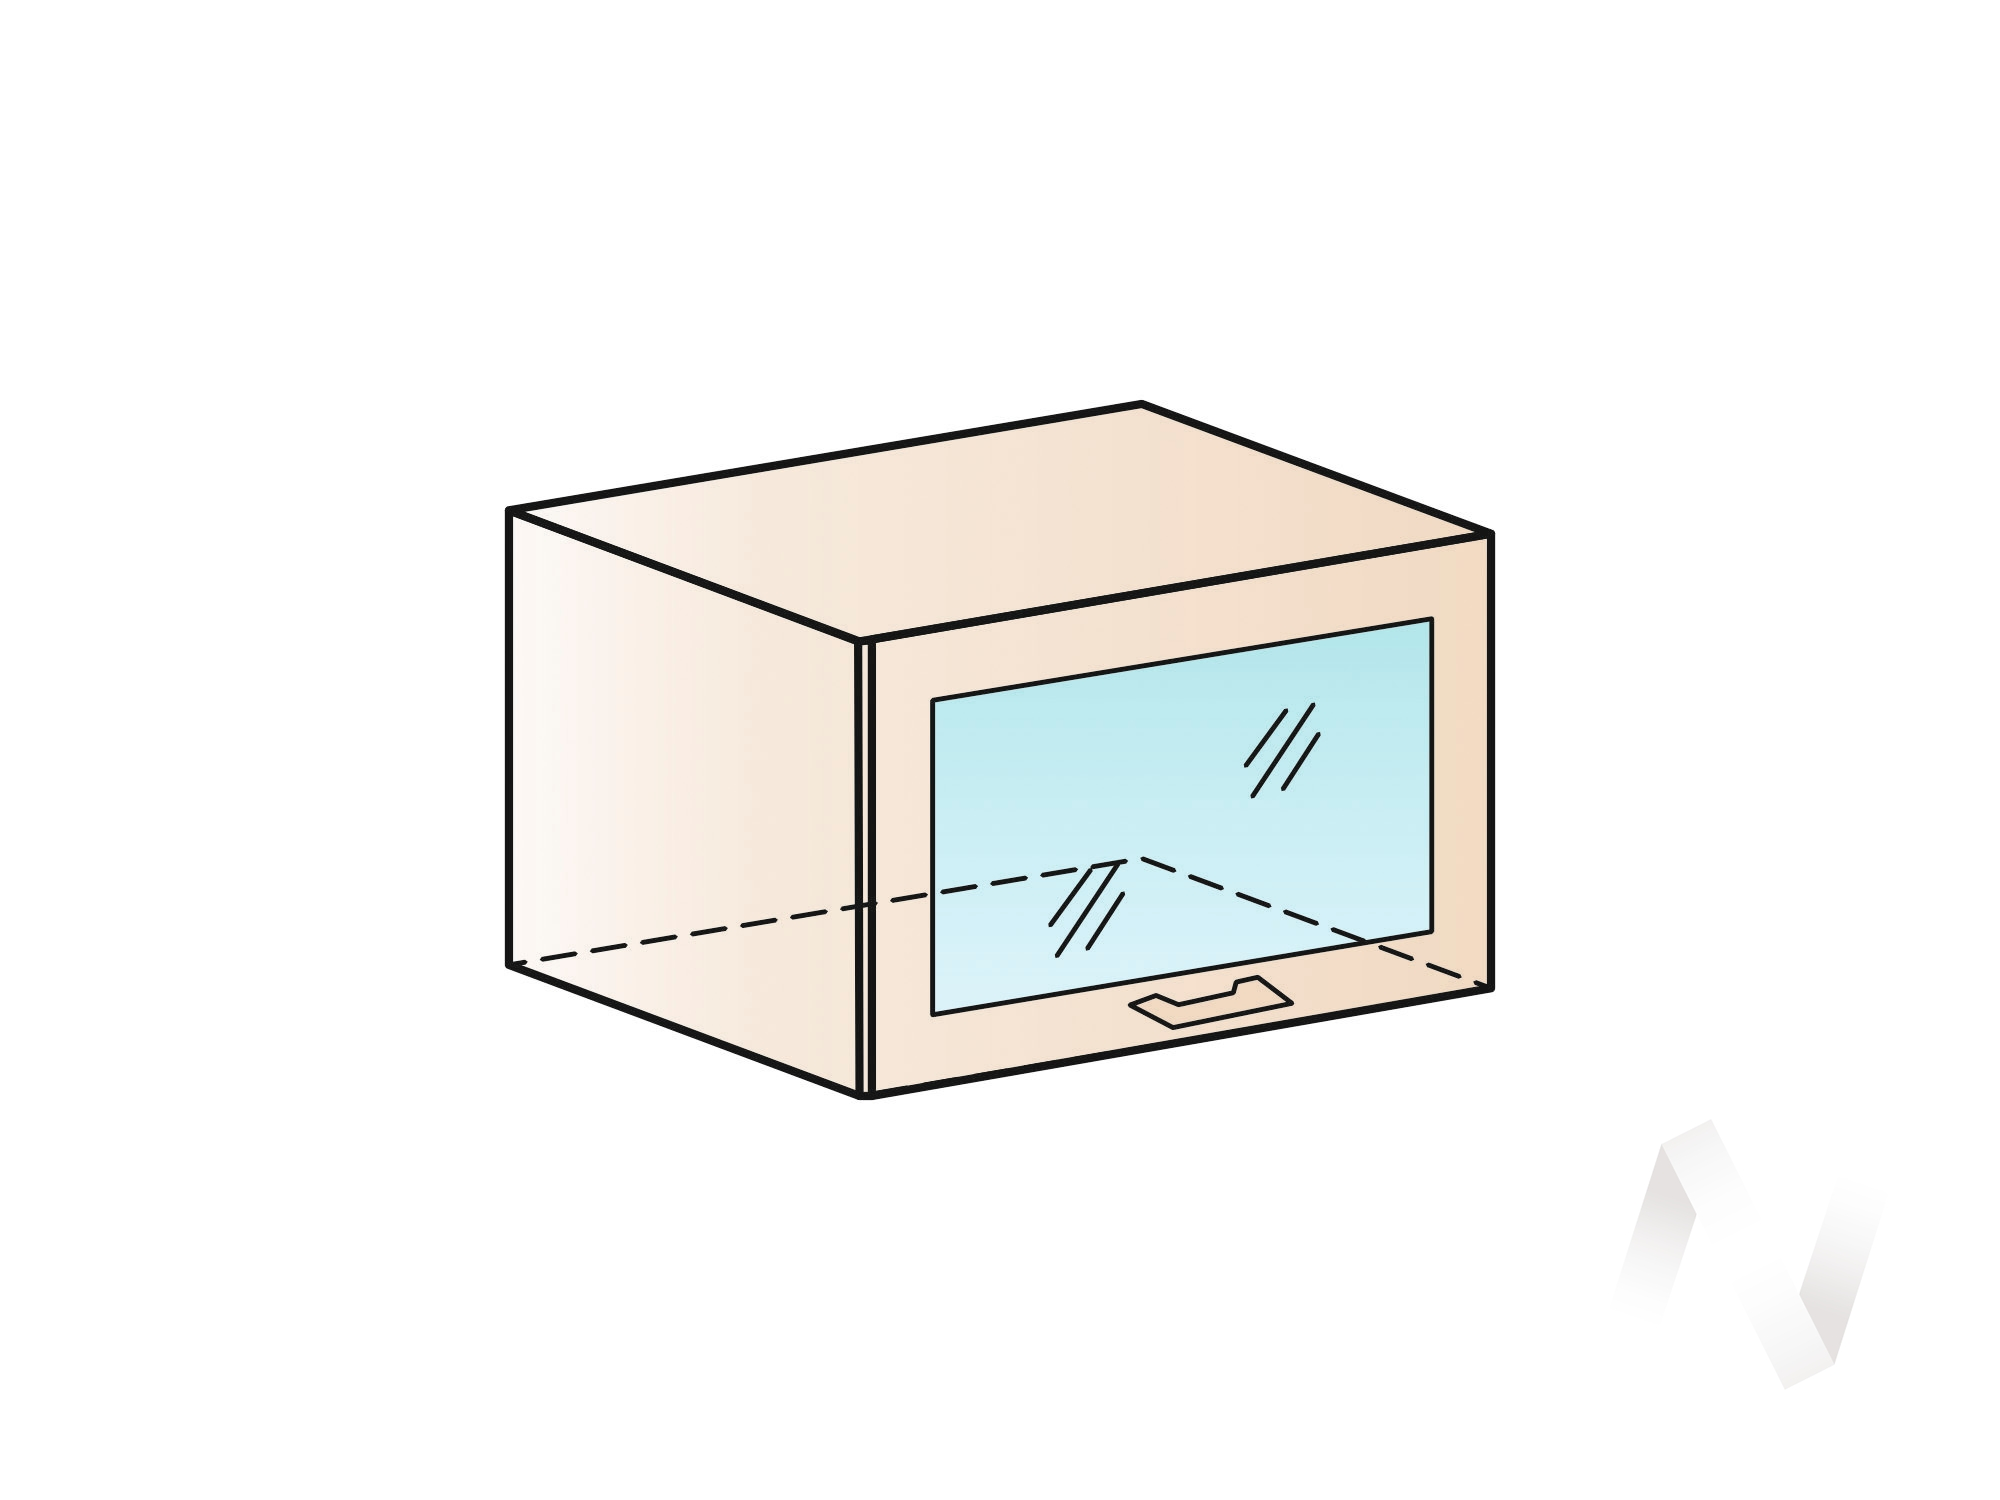 """Кухня """"Люкс"""": Шкаф верхний горизонтальный со стеклом 600, ШВГС 600 (Шелк венге/корпус венге) в Новосибирске в интернет-магазине мебели kuhnya54.ru"""